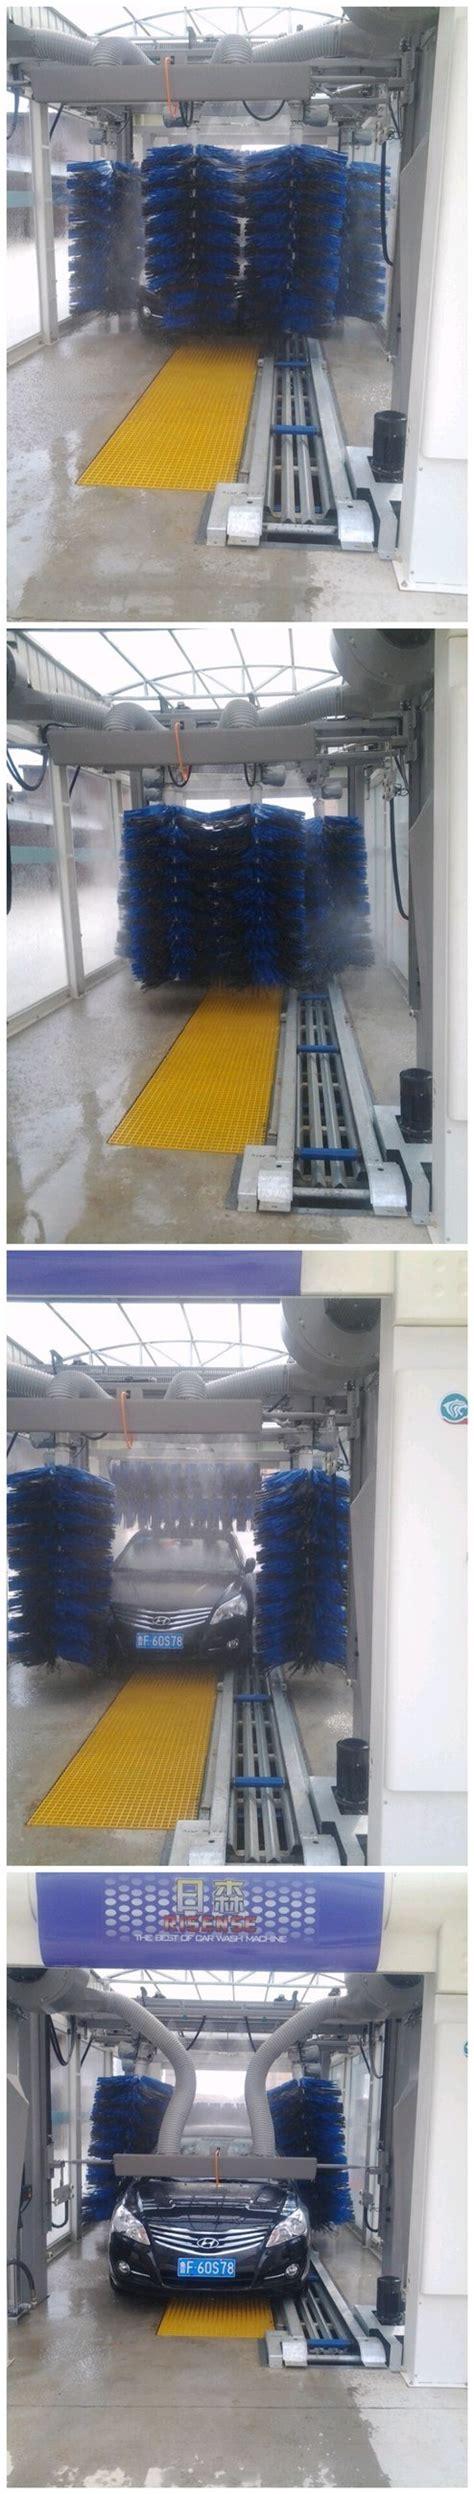 Mesin Cuci Kereta Automatik machine de lavage de voiture d automatik mesin cuci kereta